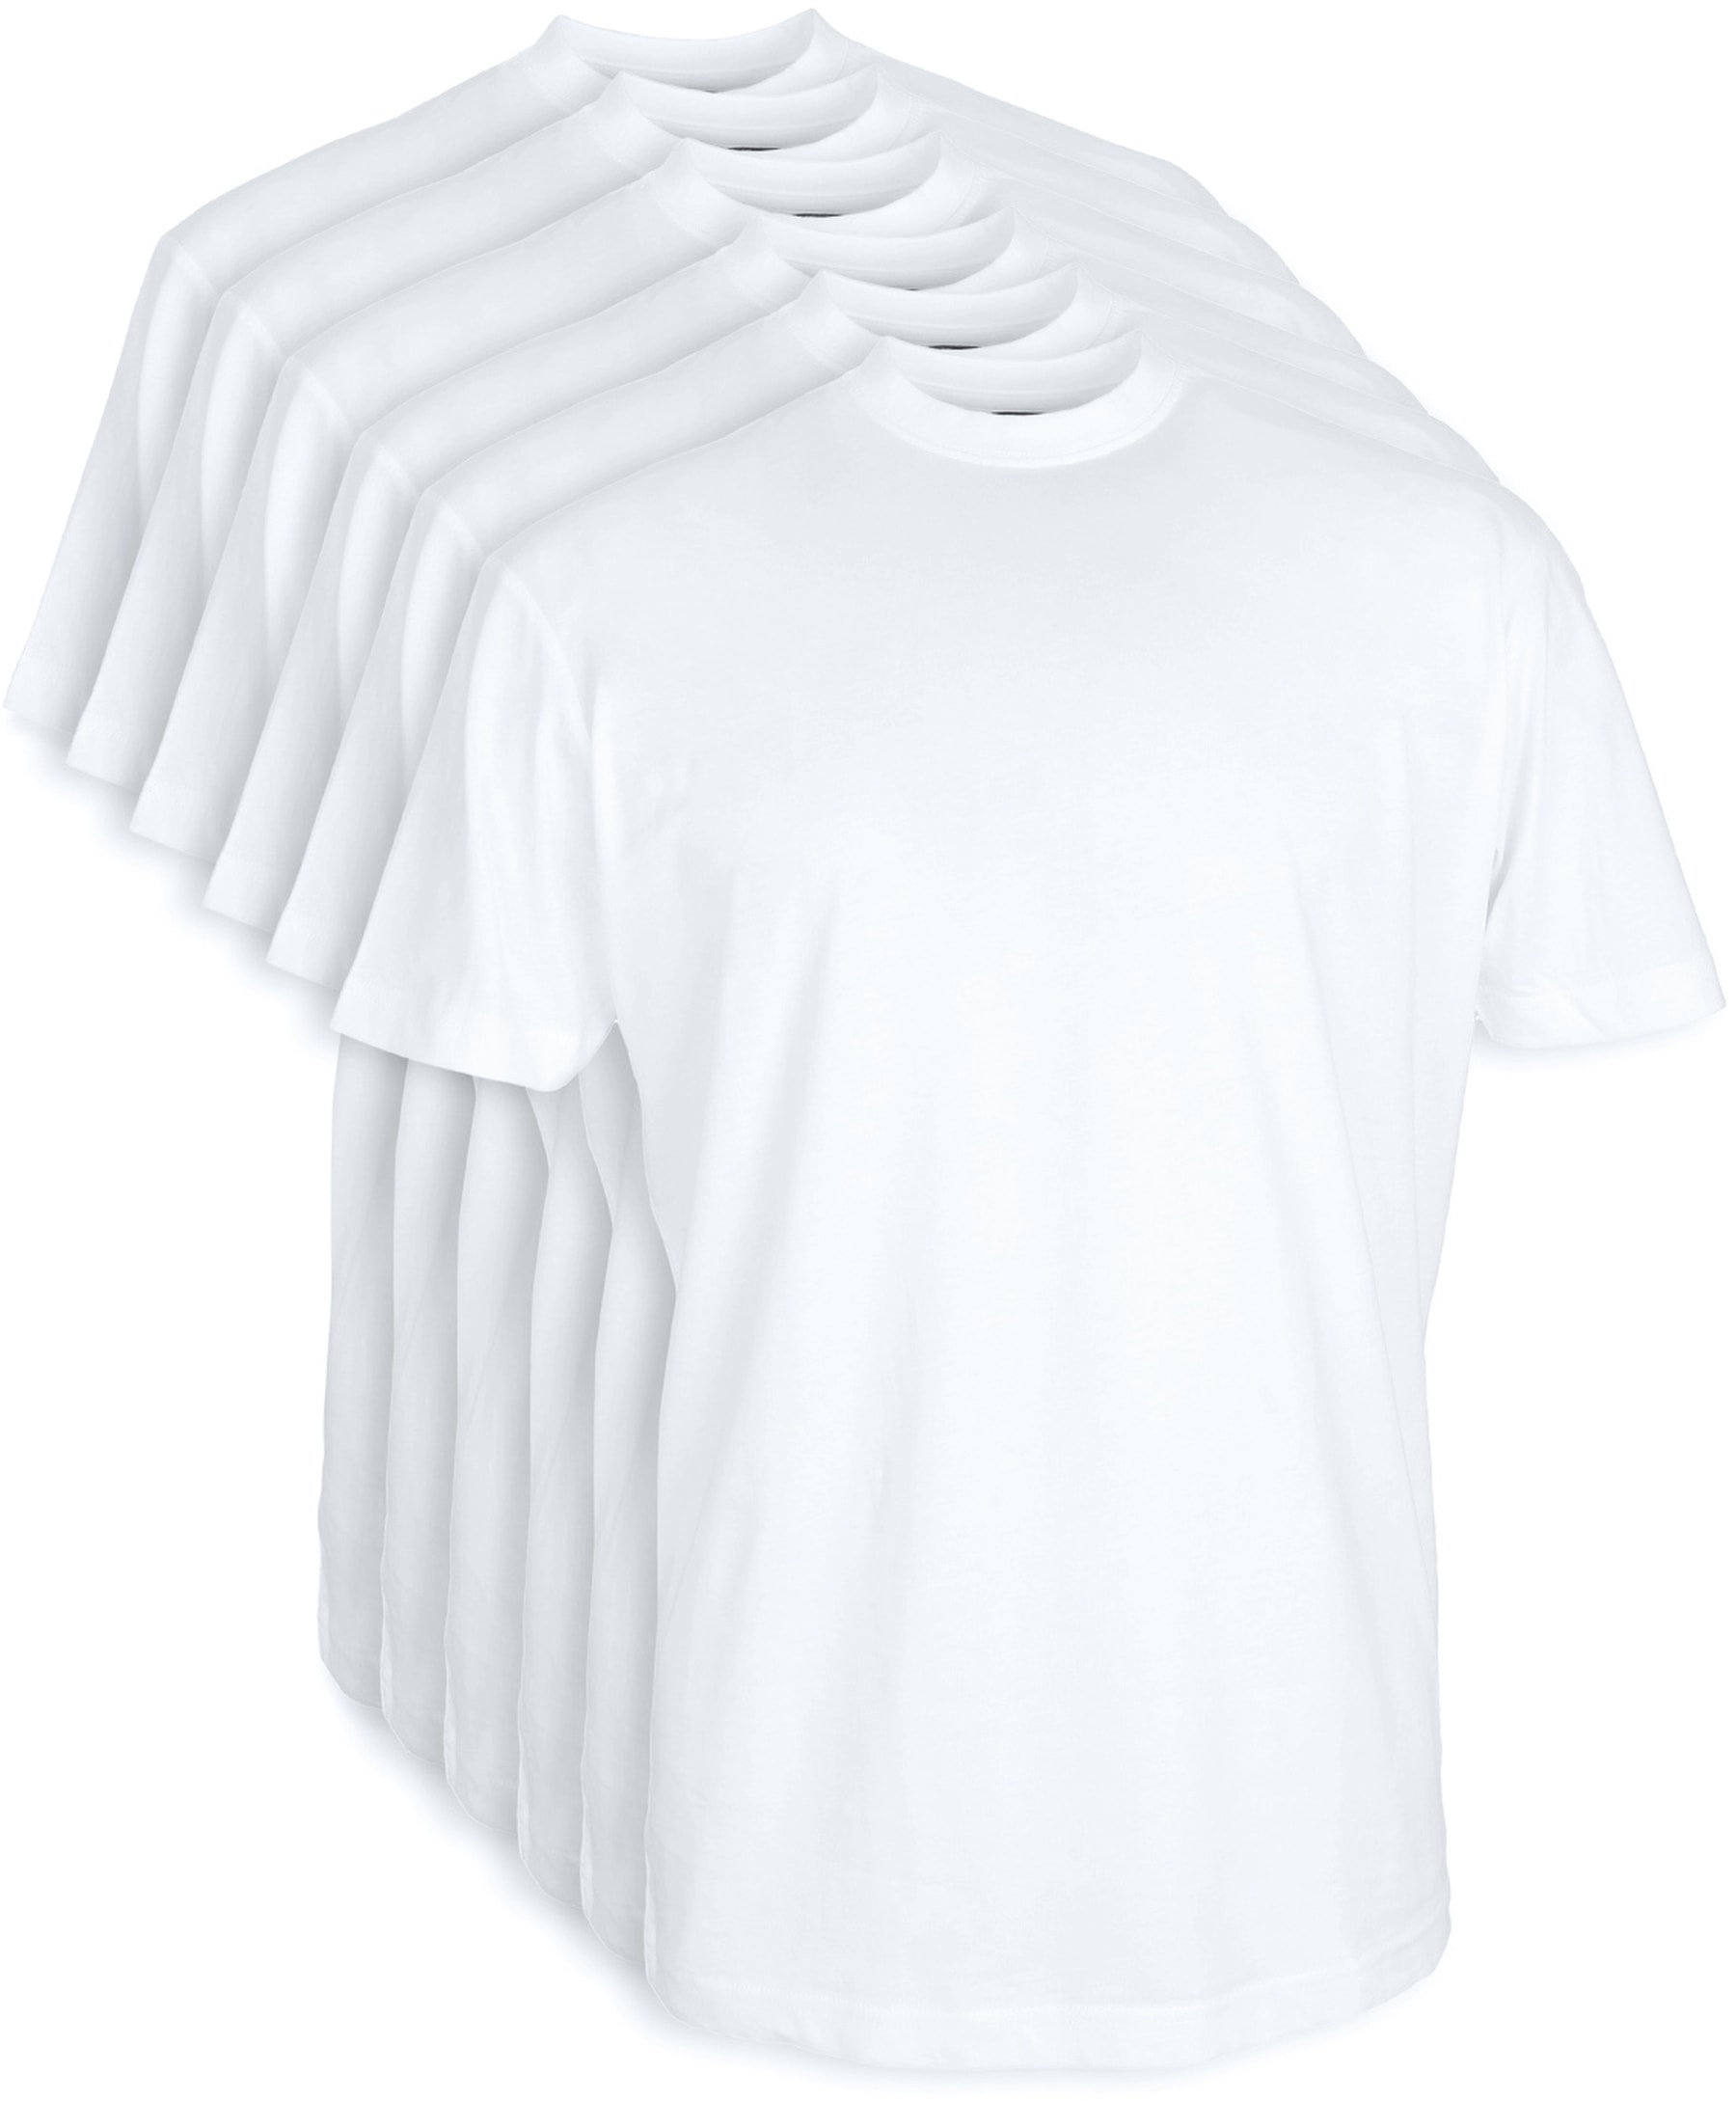 T-Shirt Breiter Rund Hals 6-Pack (6 Stück) Weiß foto 0